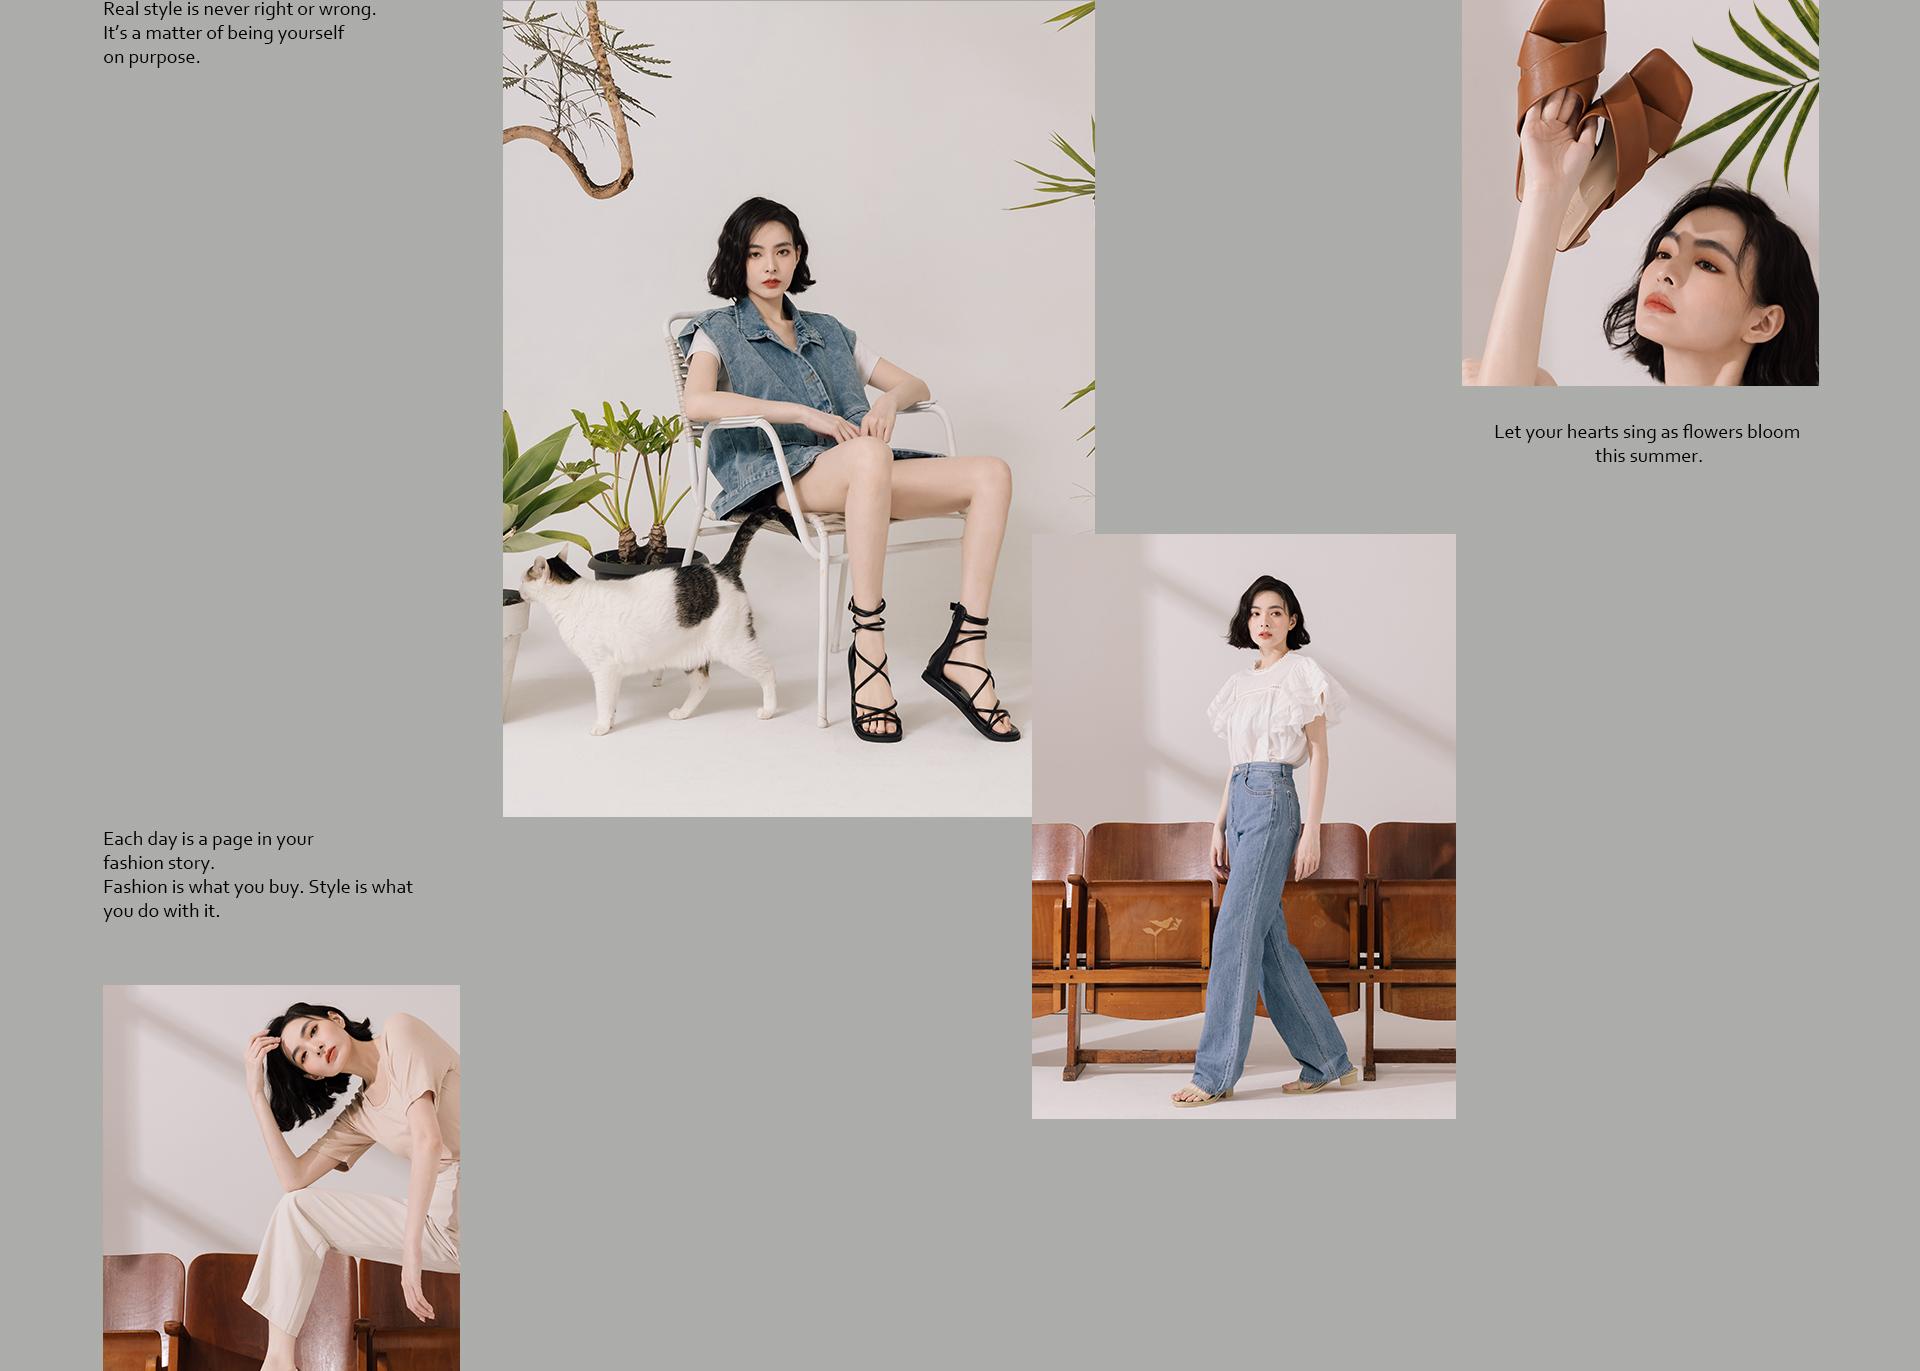 2021鞋子(女)推薦 流鞋女鞋 春夏鞋款 涼鞋 拖鞋 高跟涼鞋